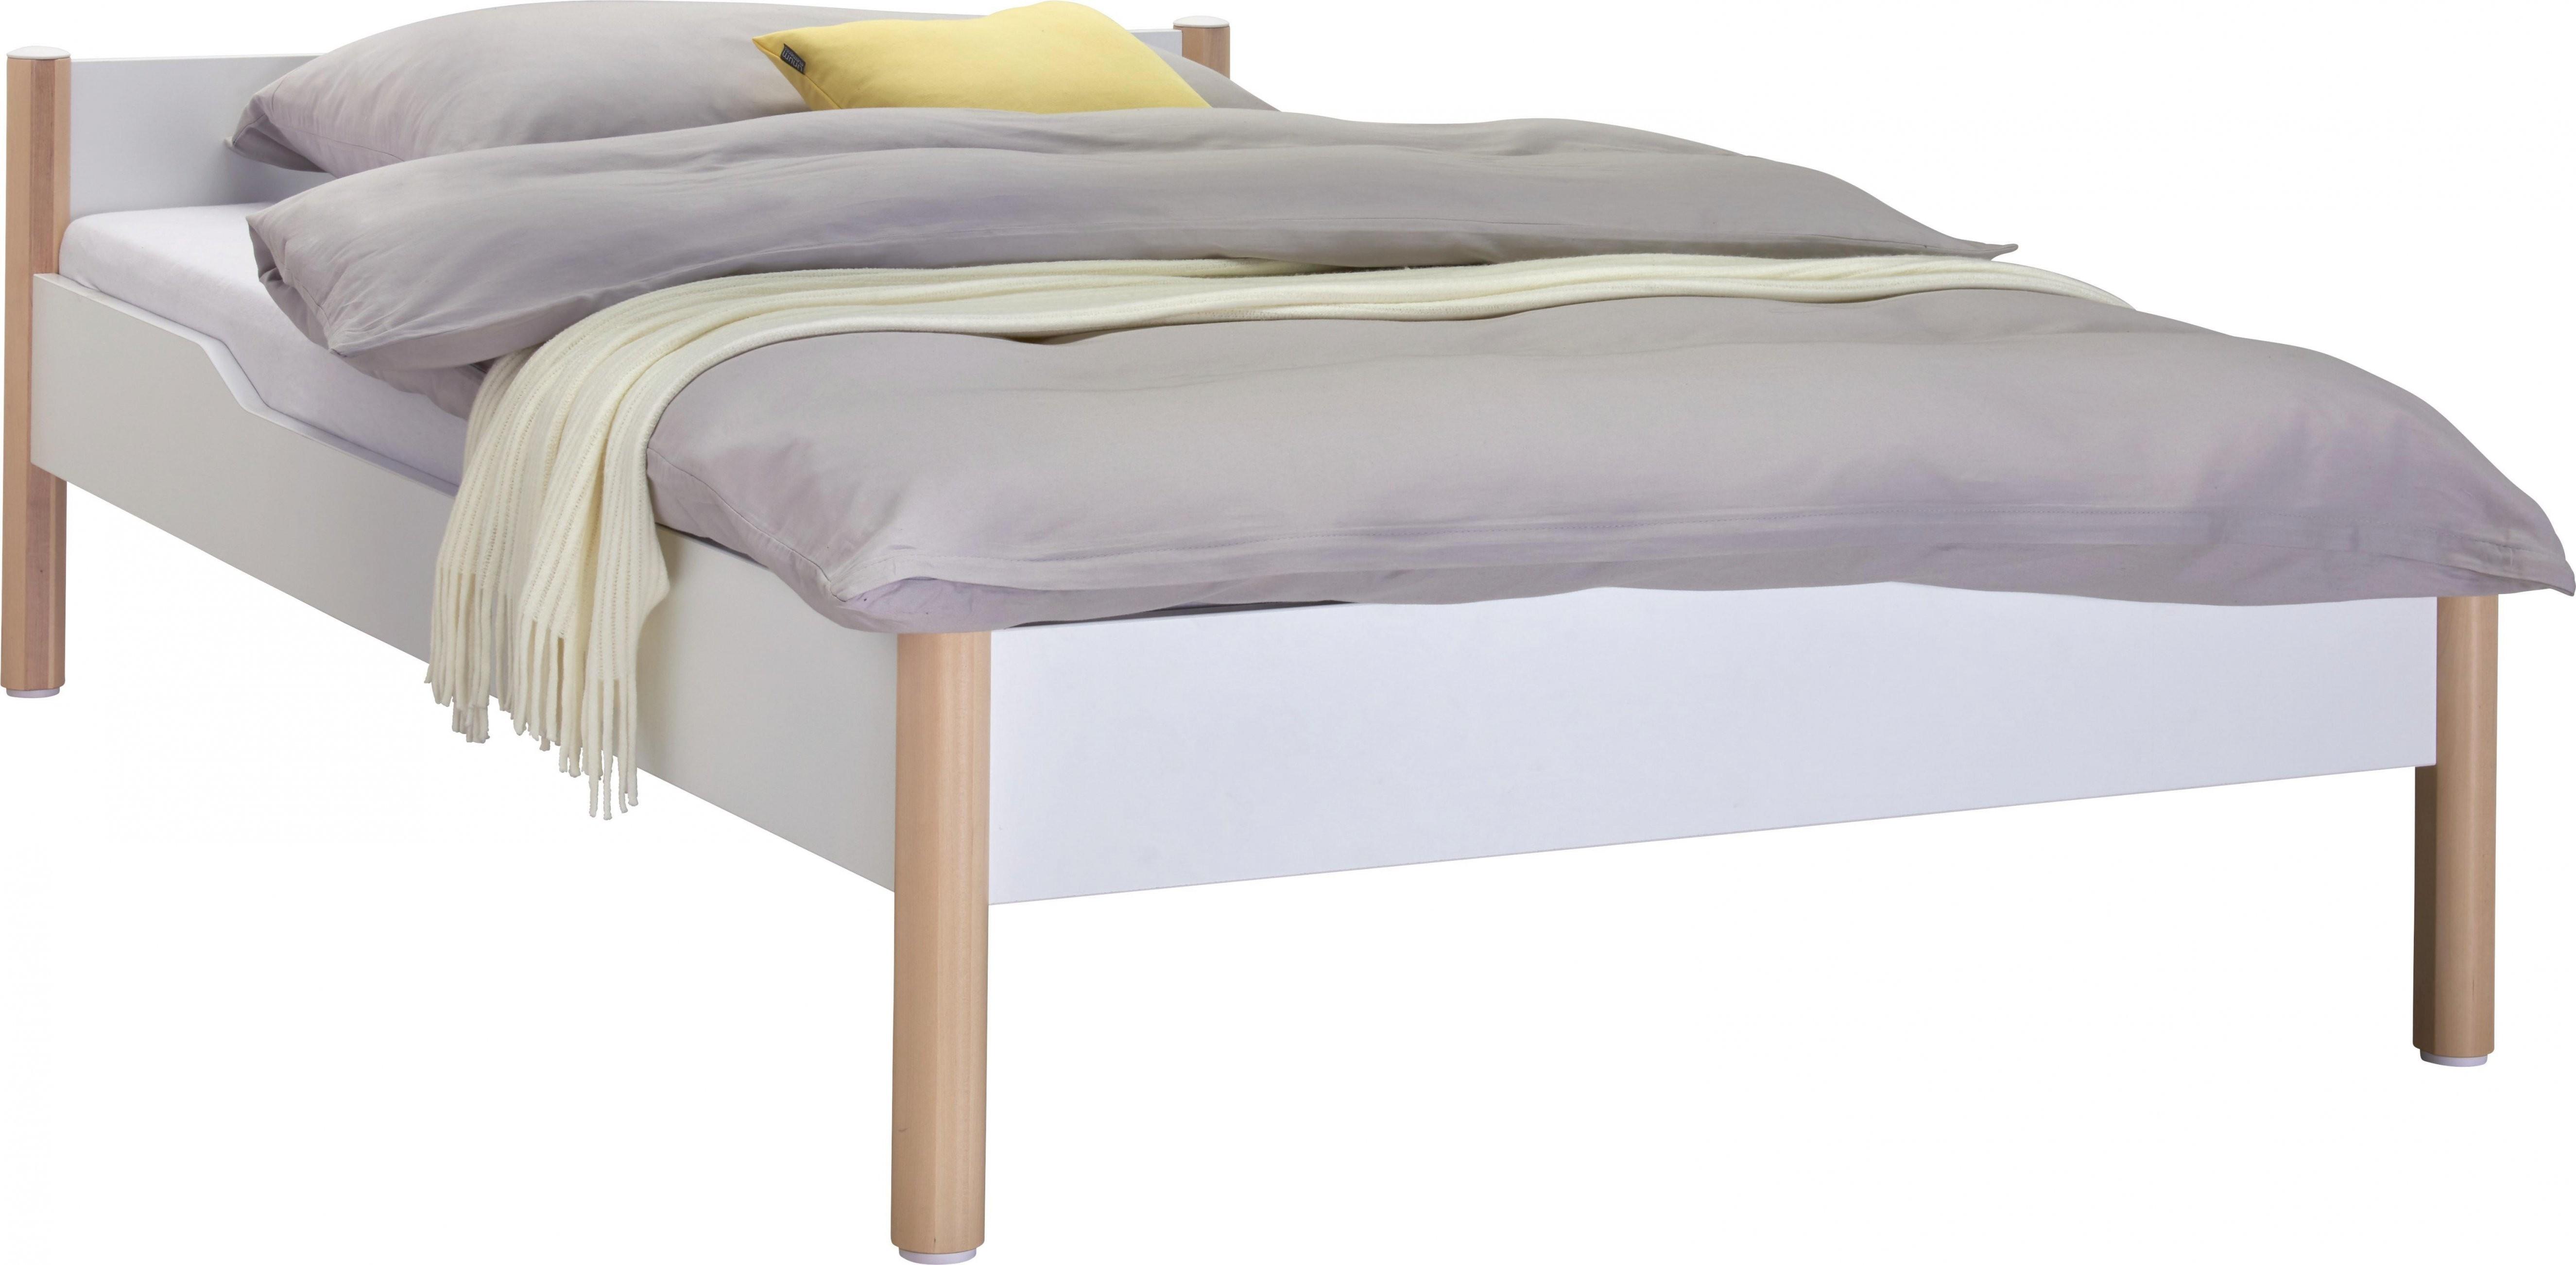 Bett 120200 Cm Online Kaufen ➤ Xxxlutz von Paidi Bett 120X200 Photo